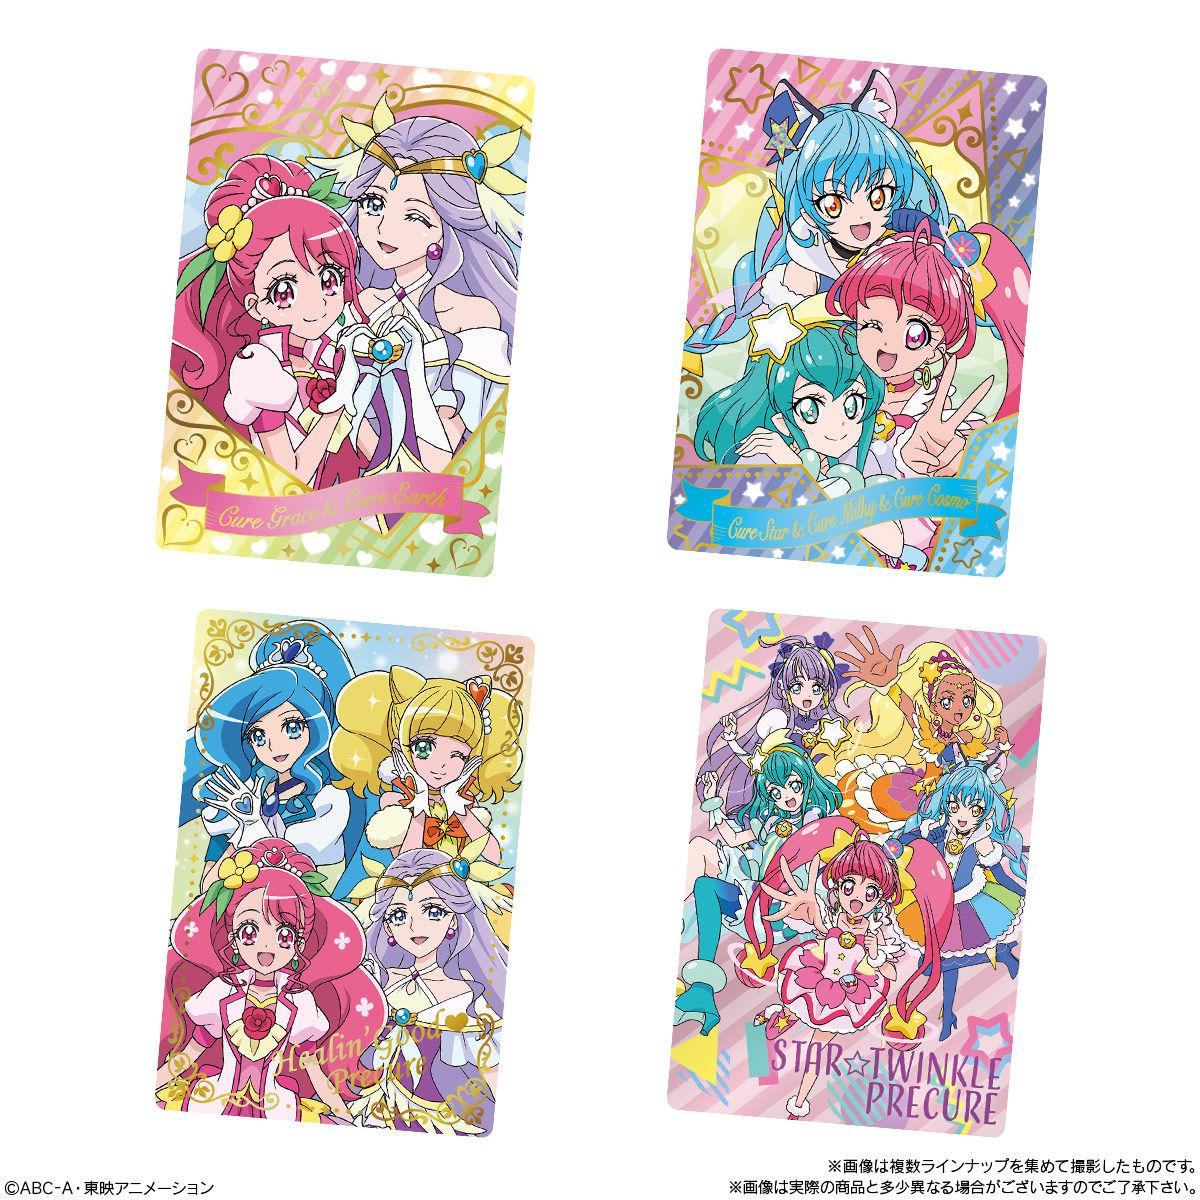 【食玩】プリキュア『プリキュアオールスターズ キラキラカードグミ』20個入りBOX-003